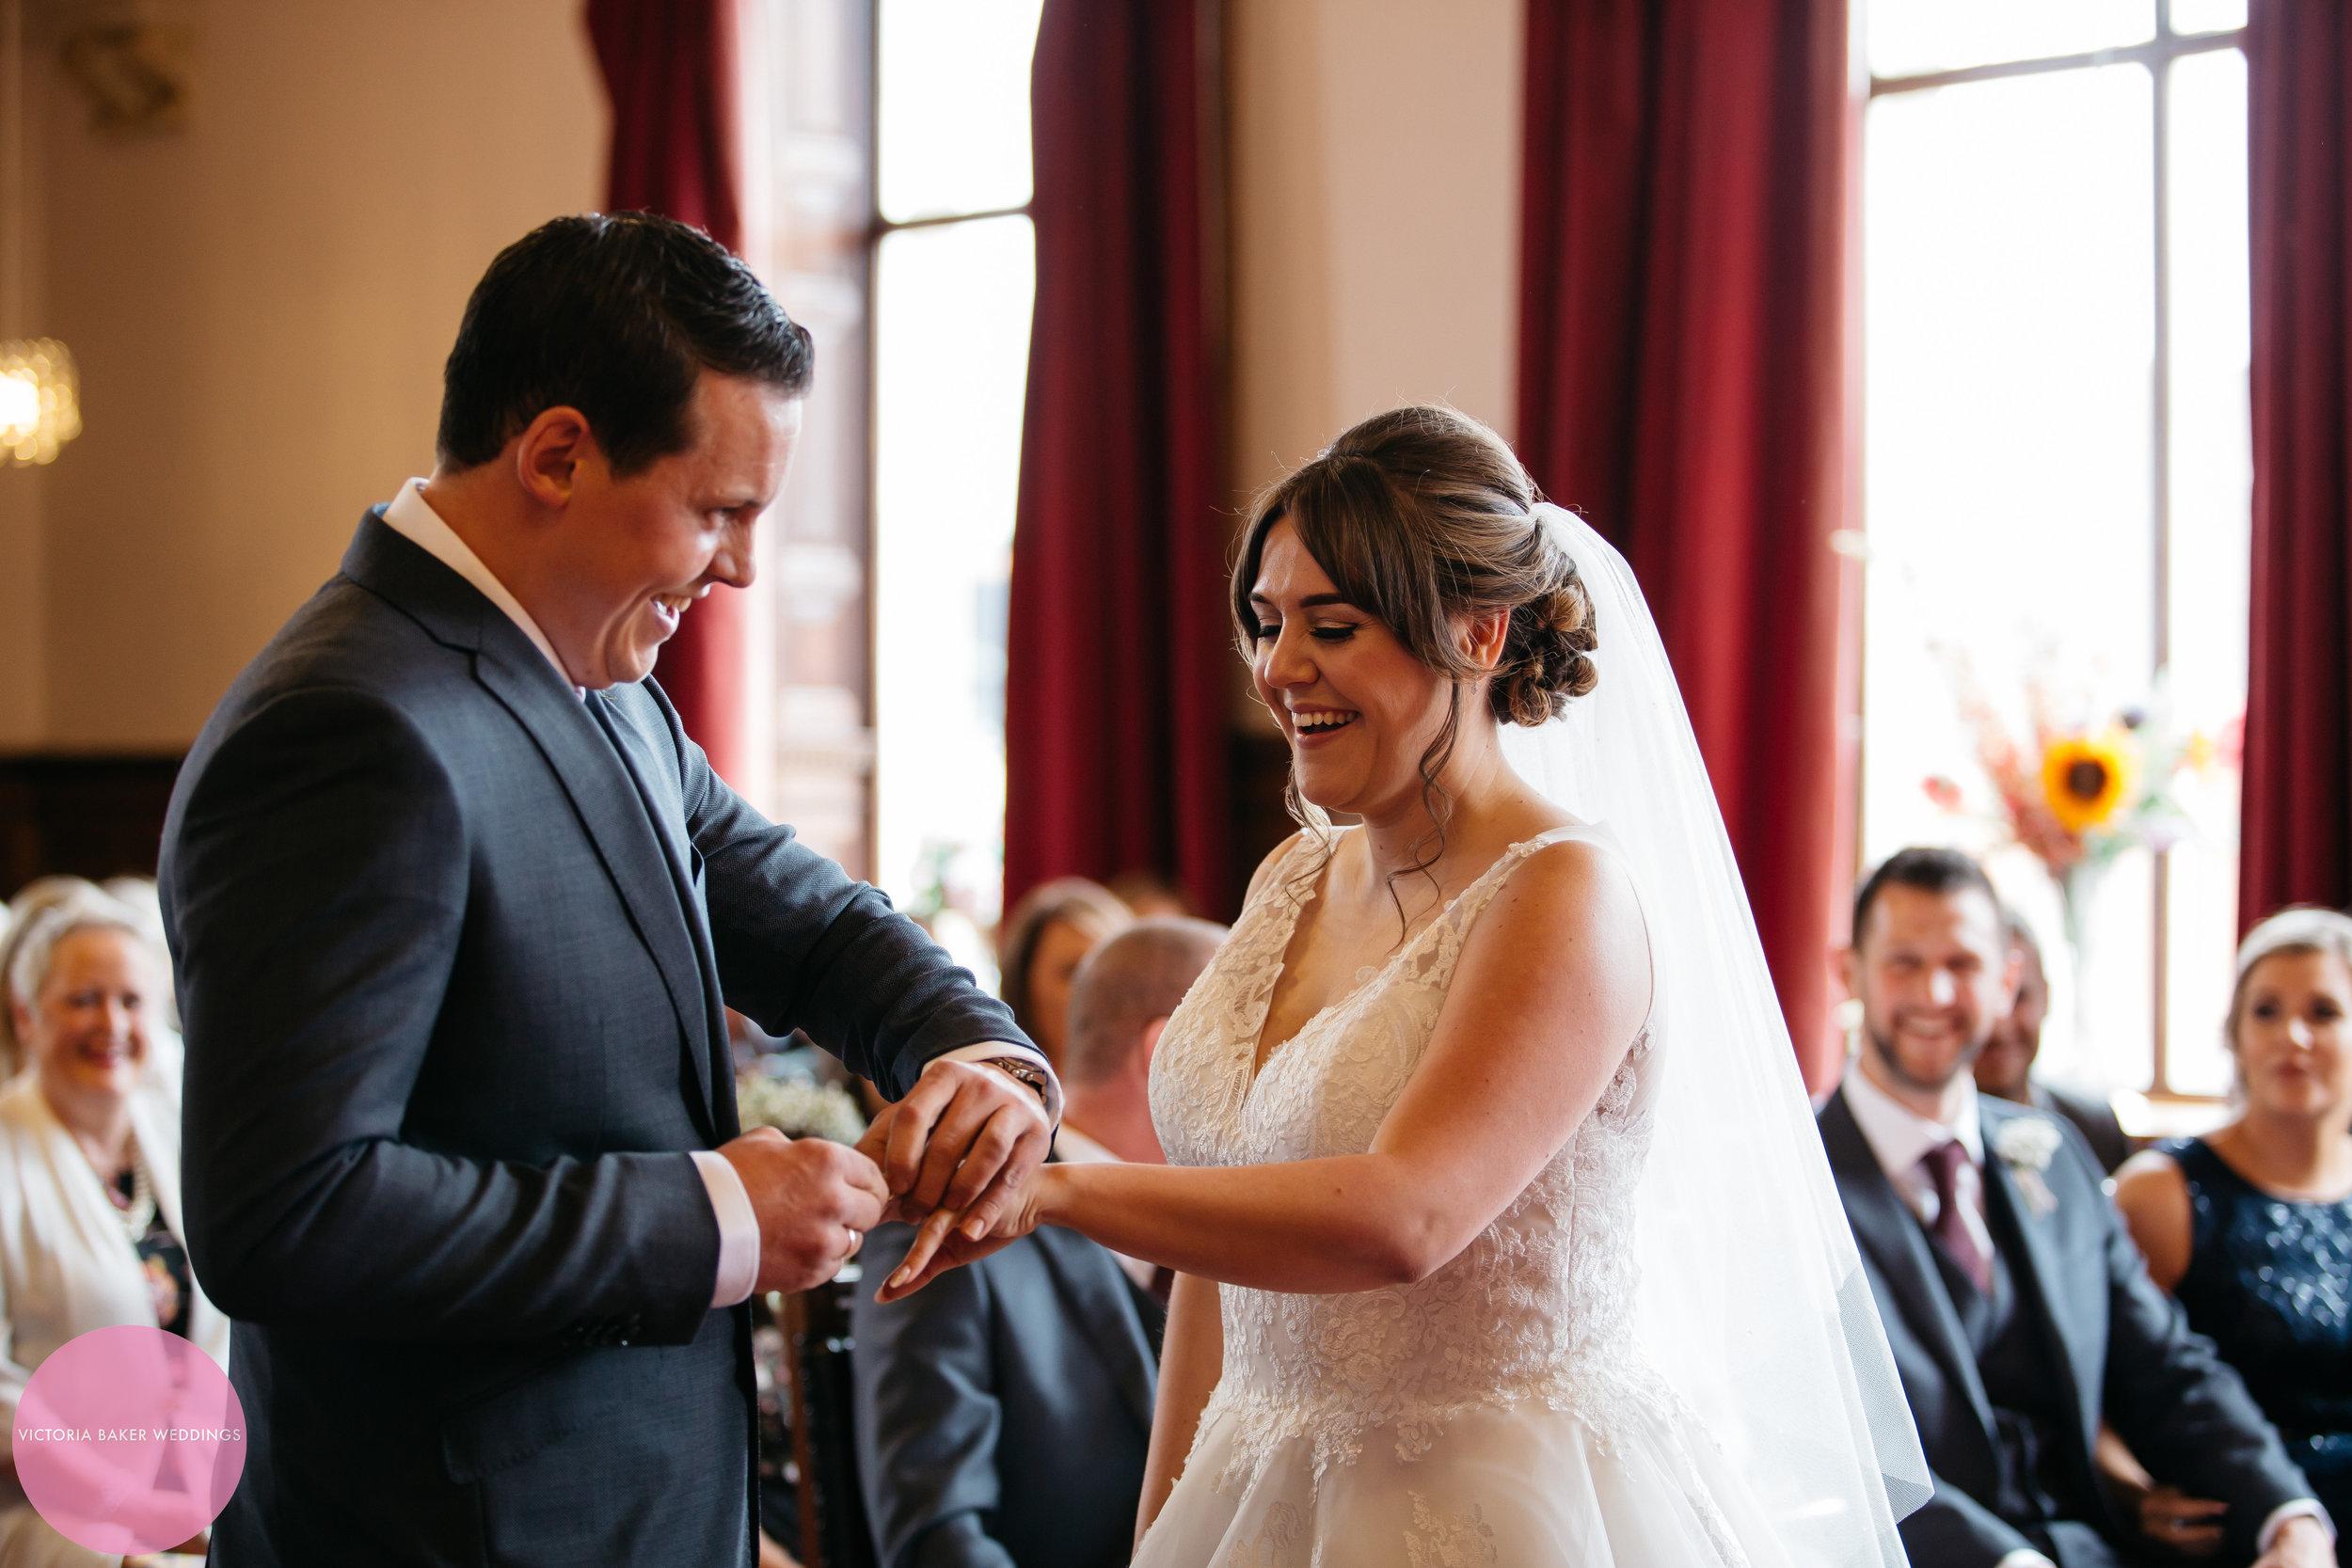 Wedding ceremony civil ceremony Leeds